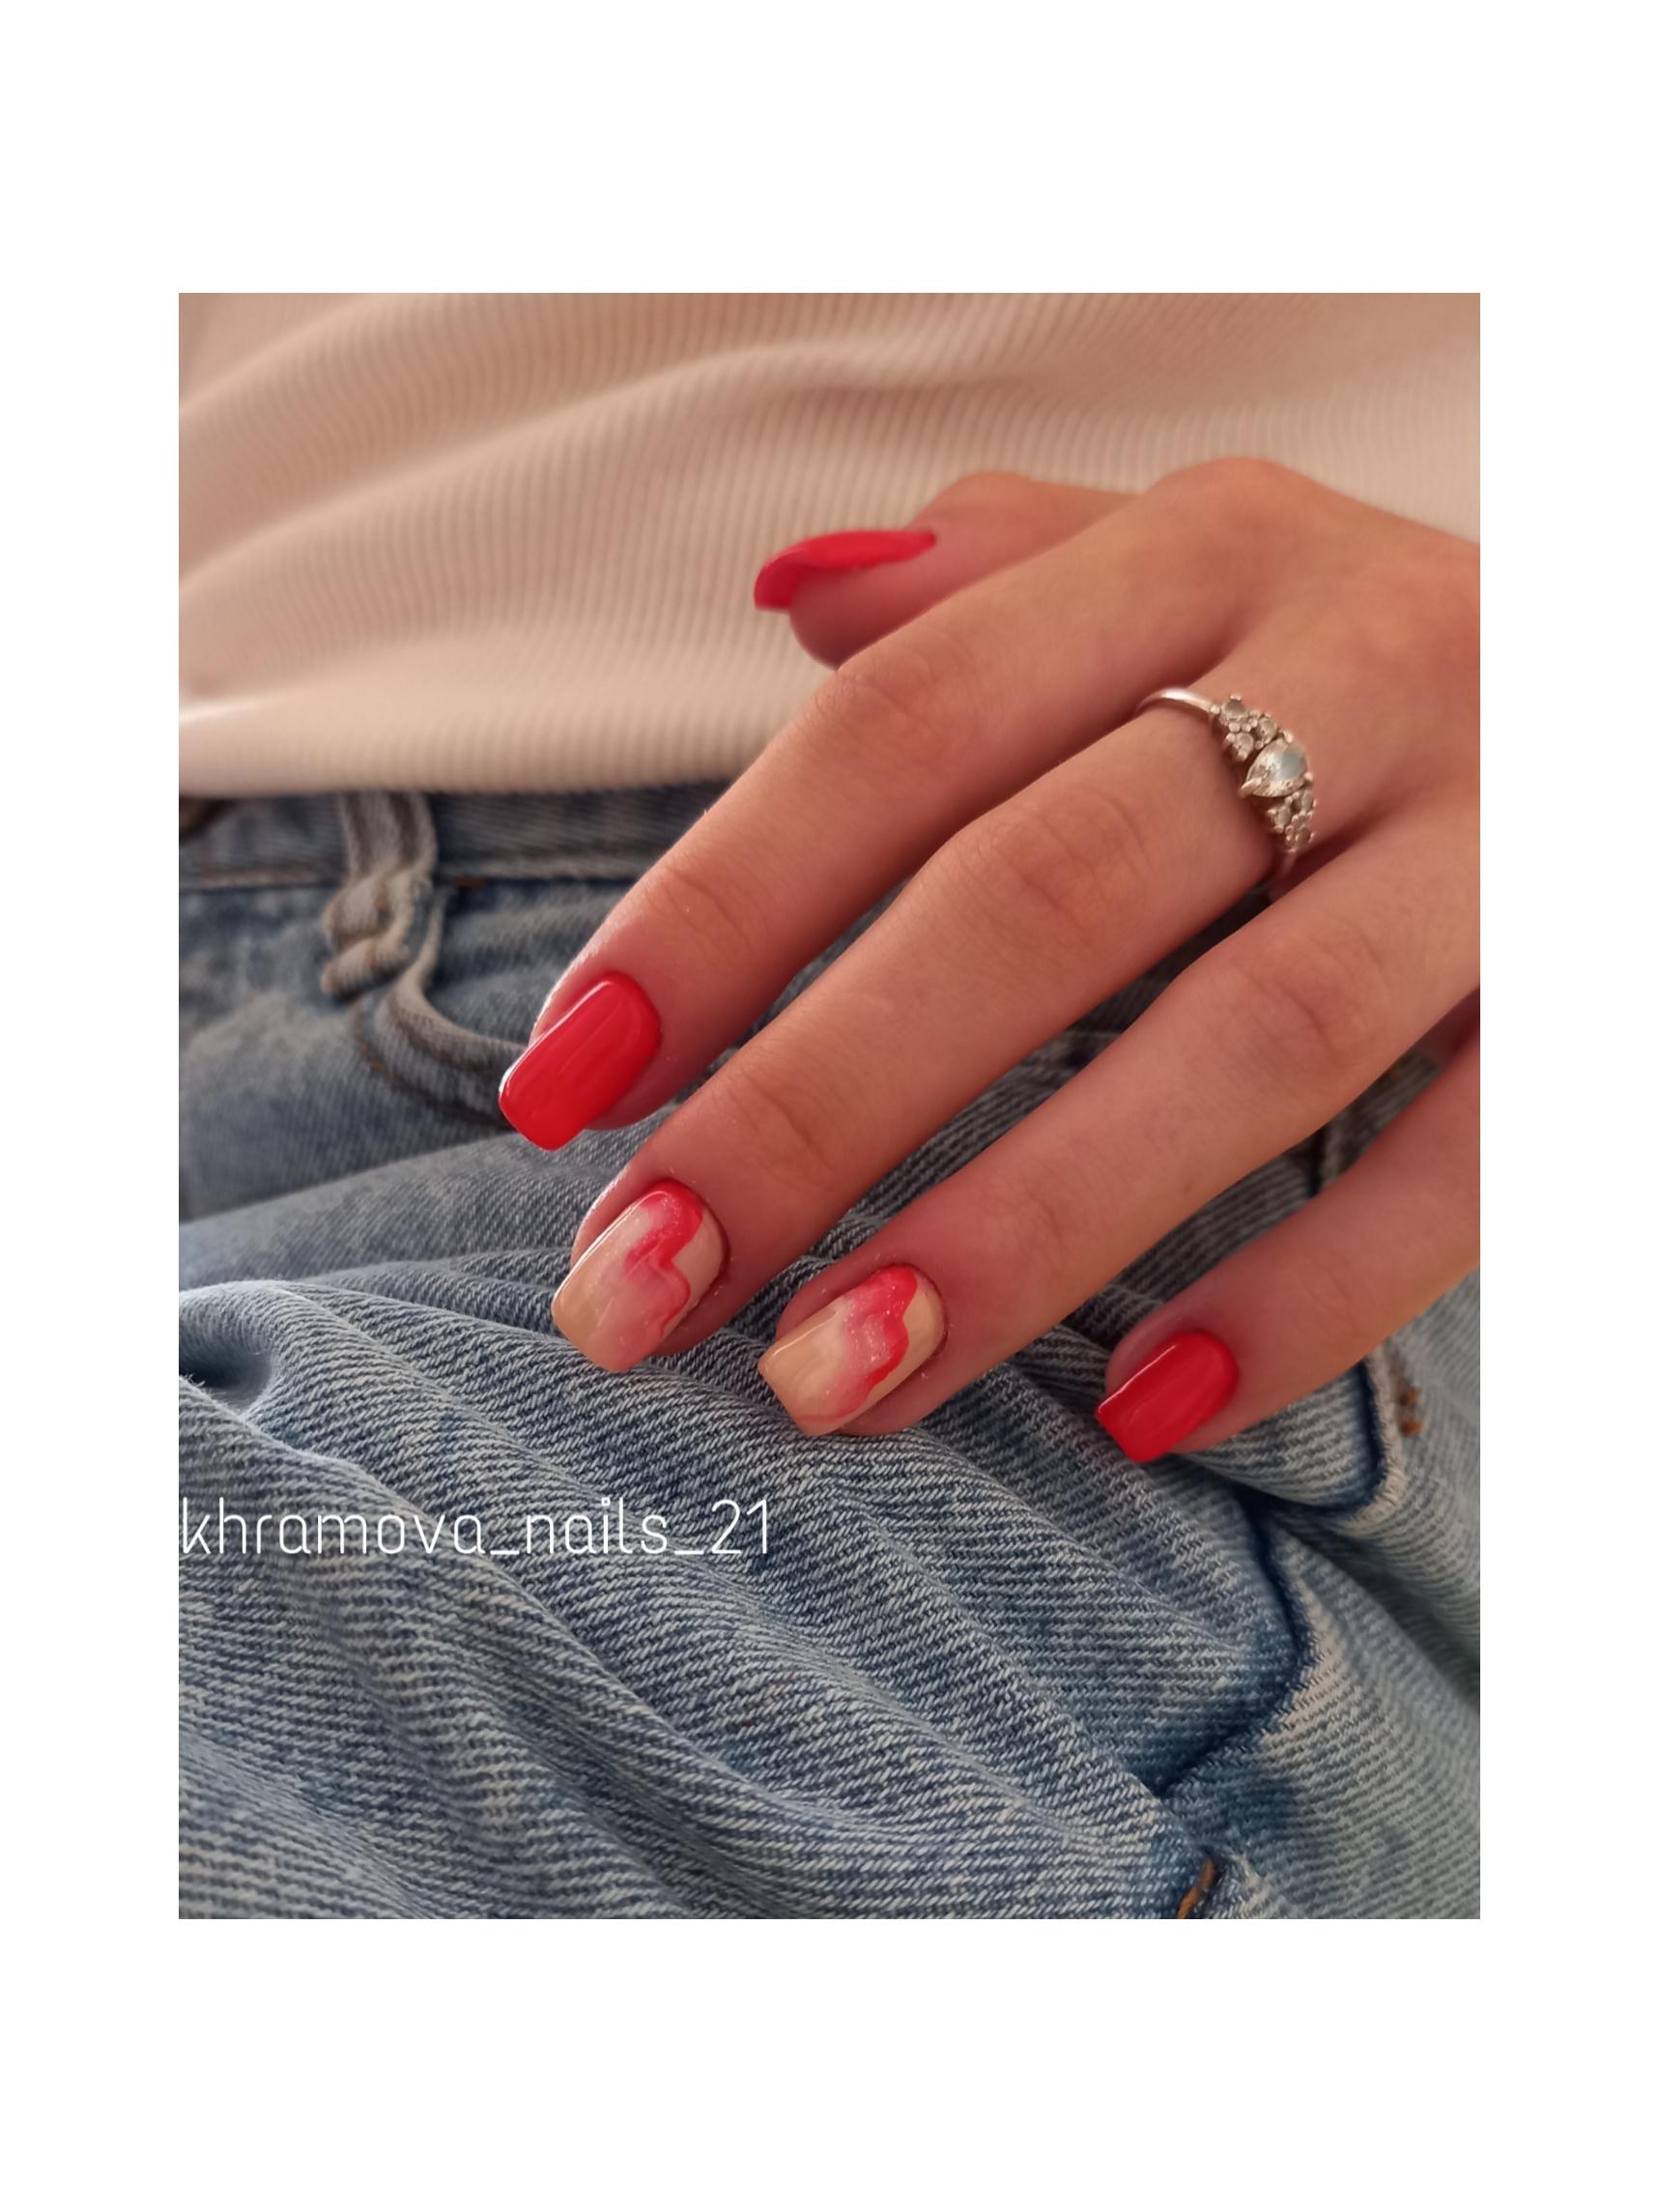 Маникюр с морским дизайном в красном цвете на короткие ногти.